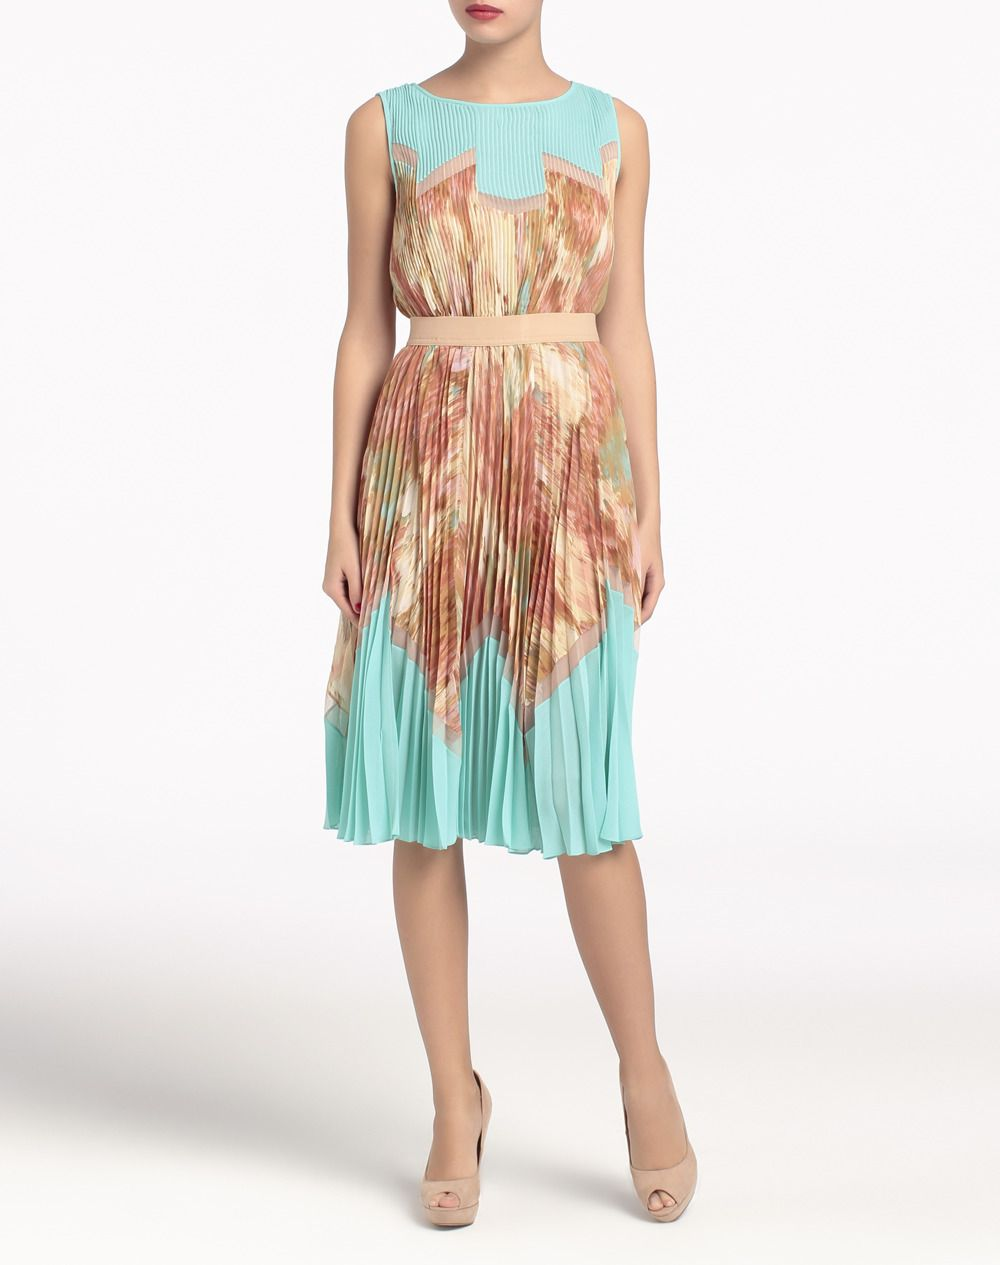 55cf9fdd3 Vestido BCBG MAXAZRIA - Mujer - Moda y complementos - El Corte Inglés -  Vestidos